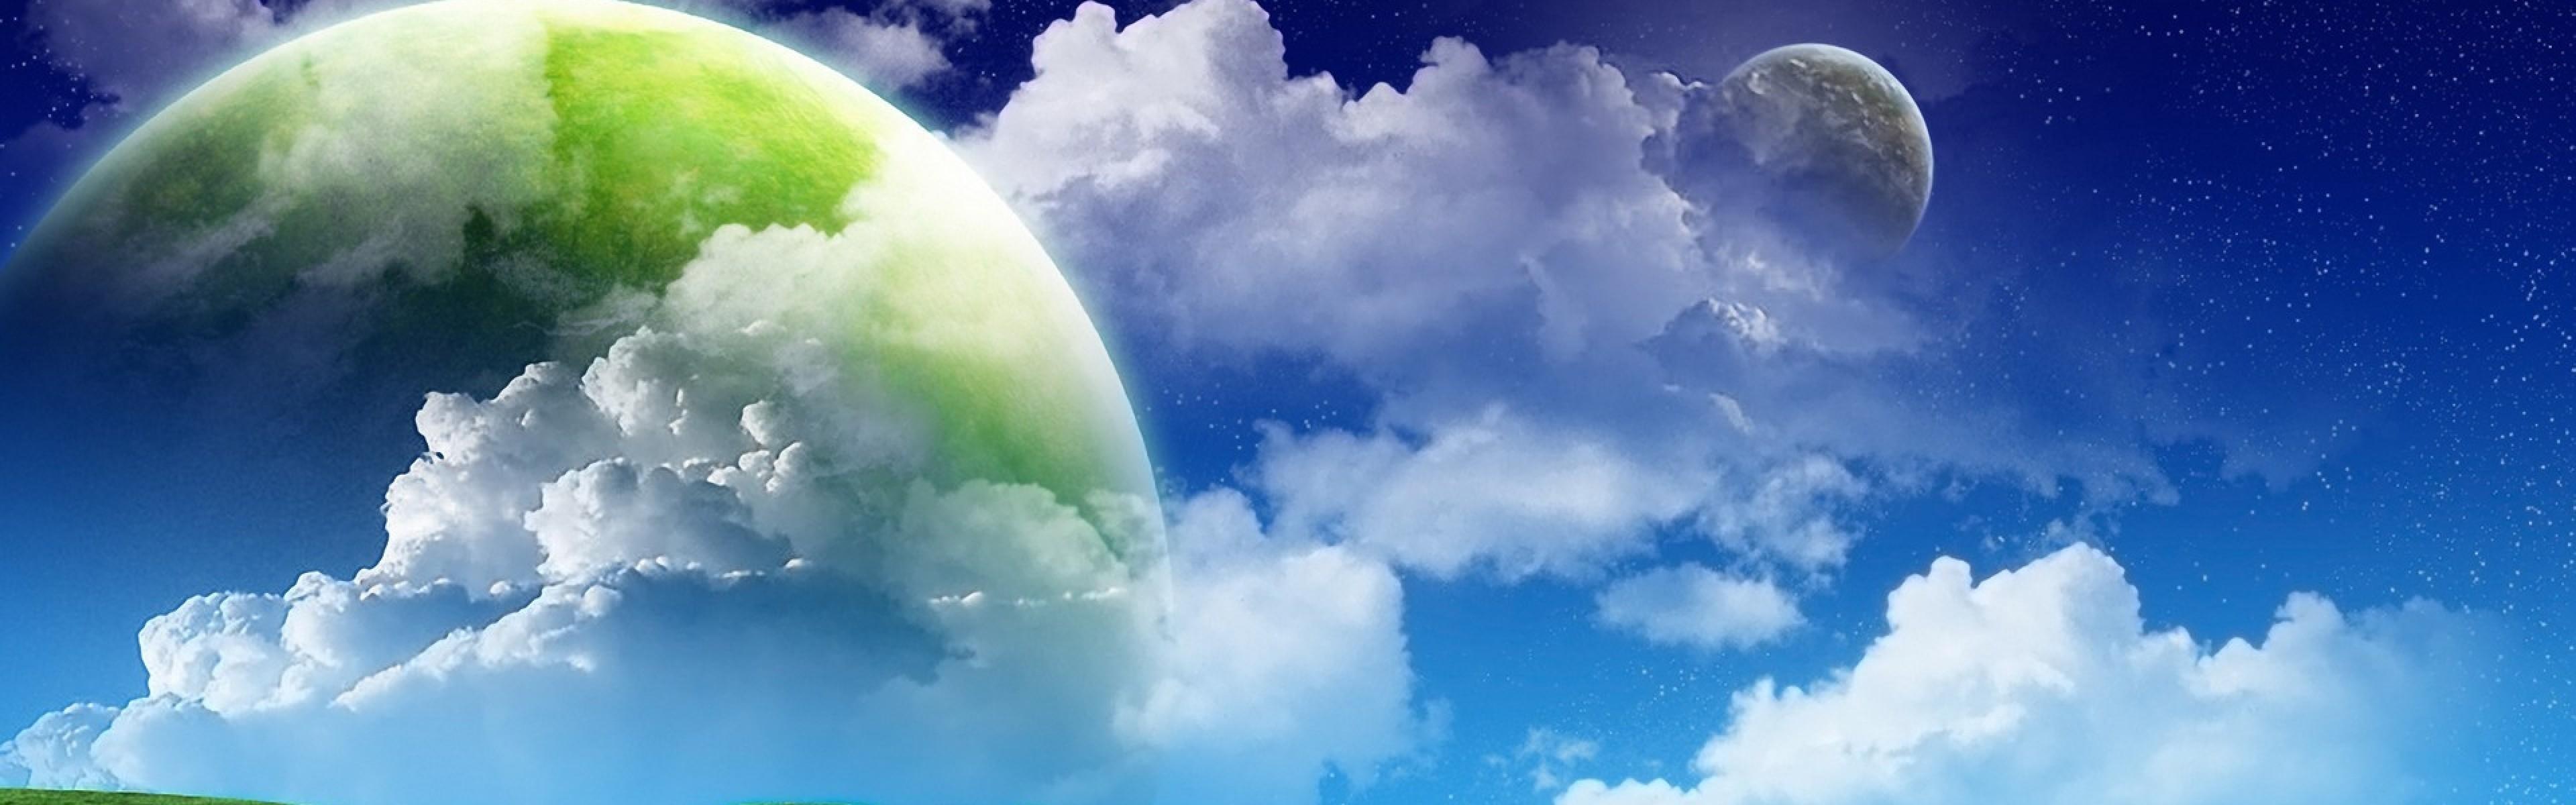 Wallpaper grass, green, sky blue, clouds, summer